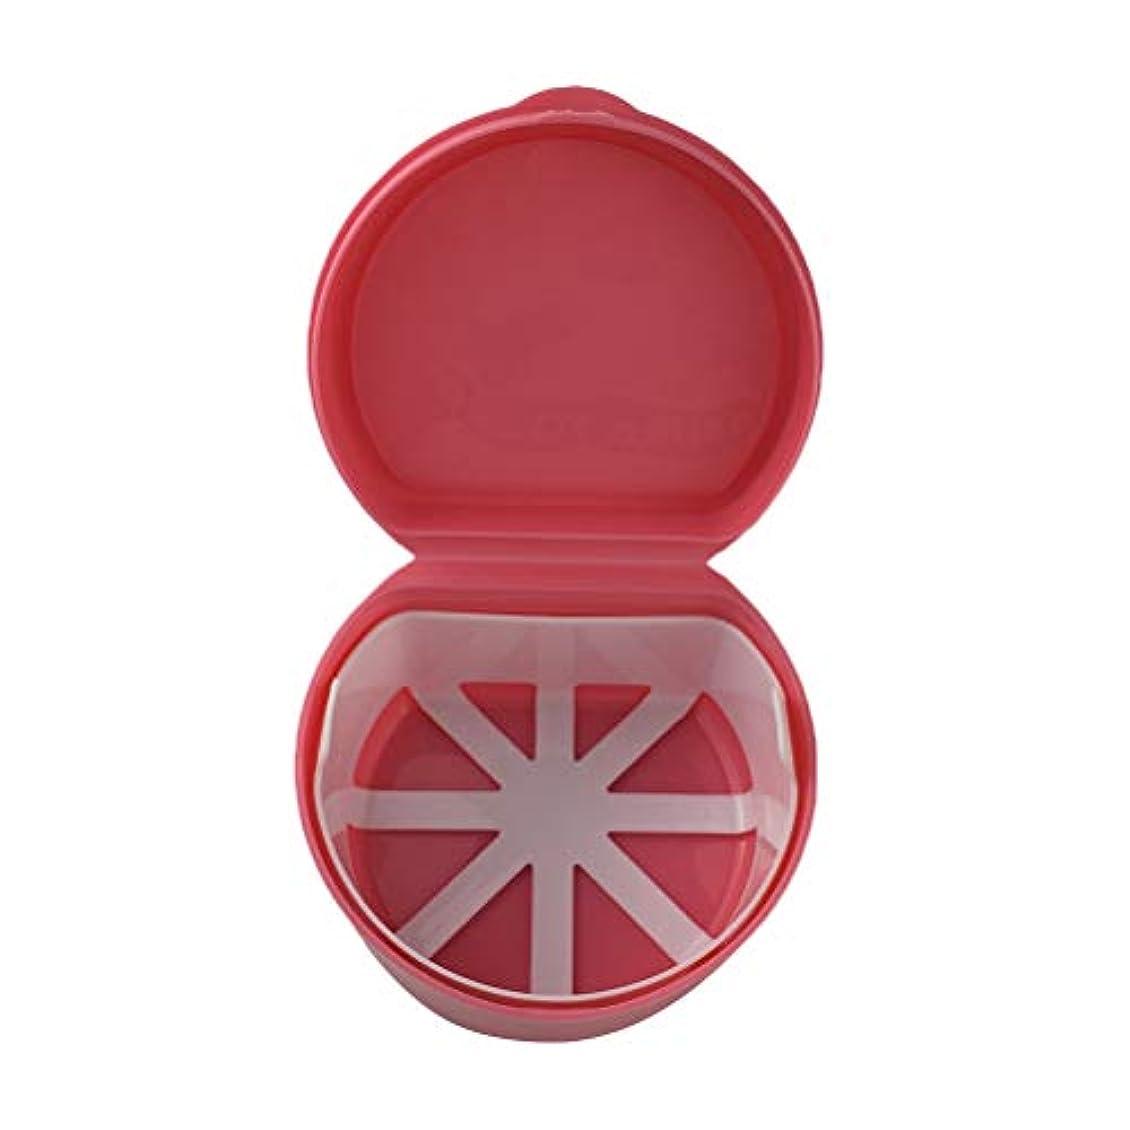 自動車気取らない失ROSENICE プラスチックの偽の歯バスボックスリテーナーマウスガードストレージコンテナホルダー(ピンク)